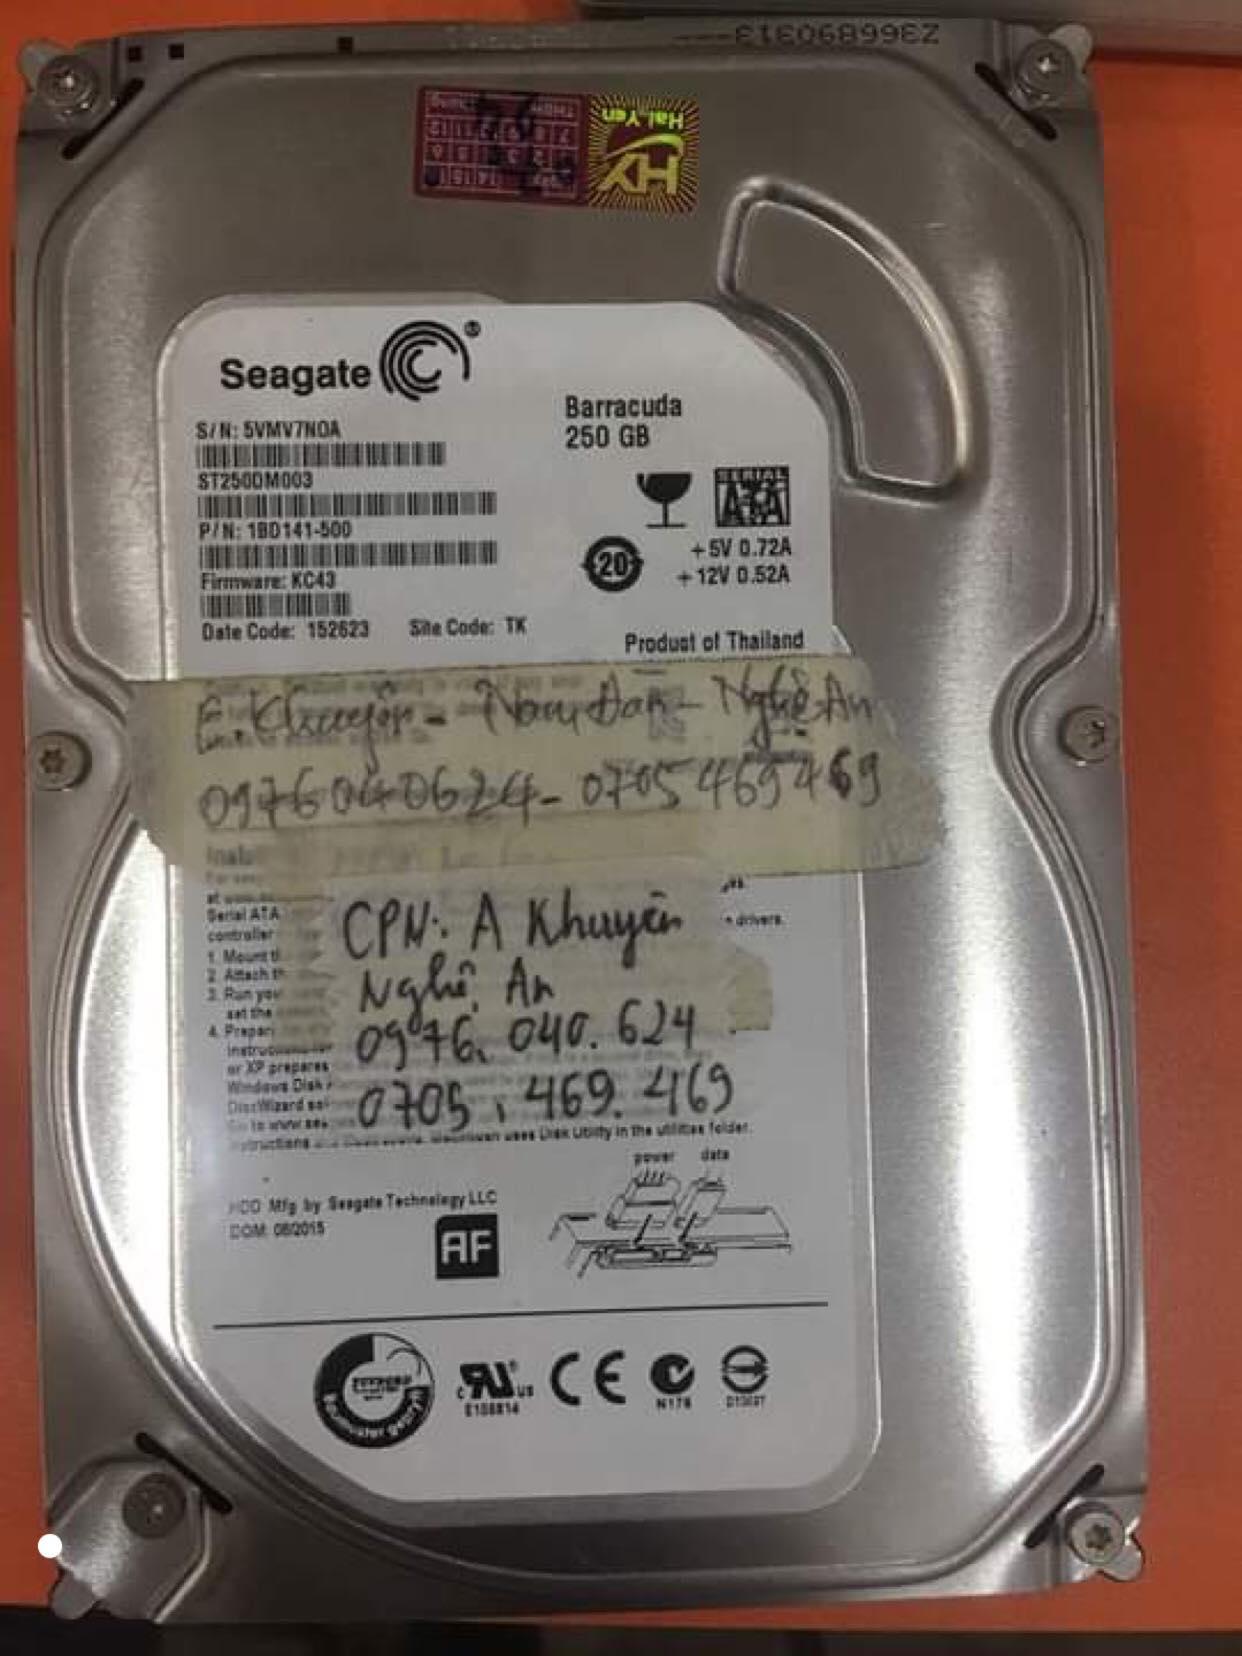 Cứu dữ liệu ổ cứng Seagate 250GB lỗi đầu đọc tại Nghệ An 27/08/2019 - cuumaytinh